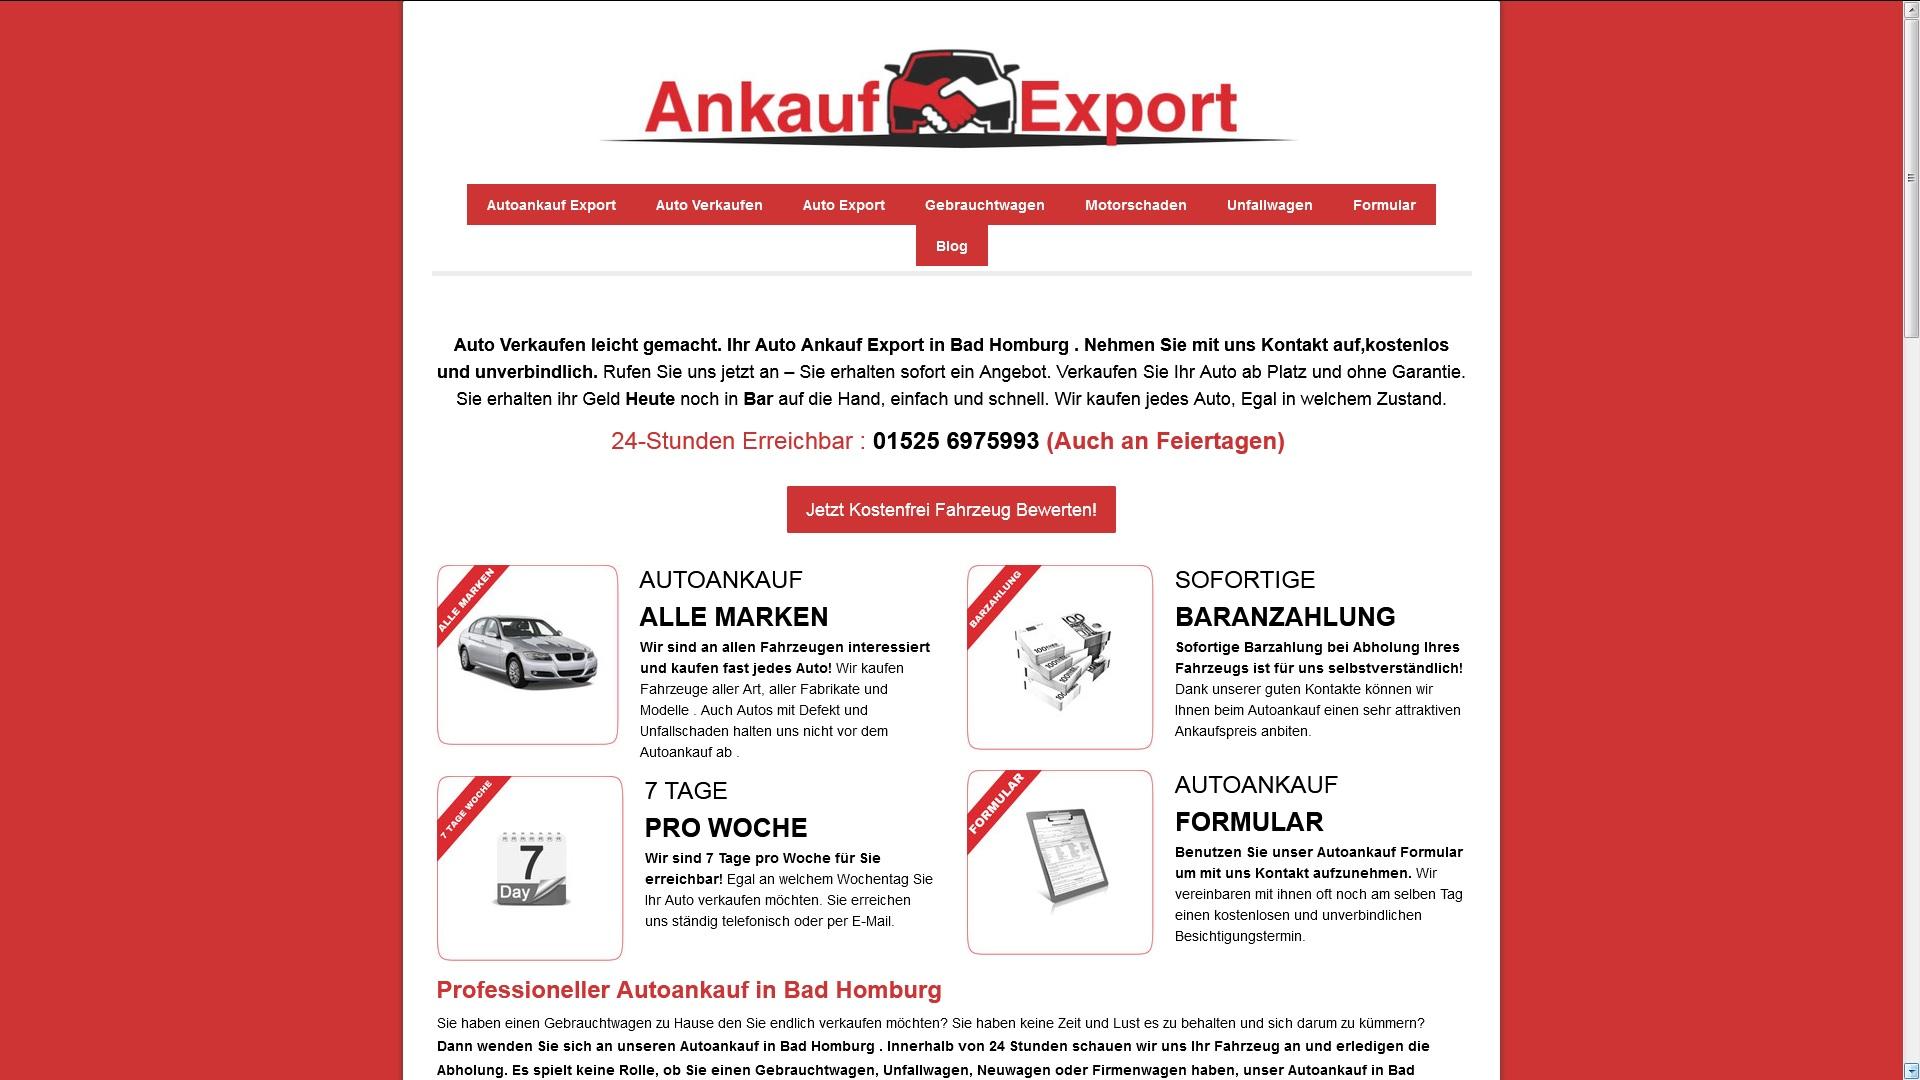 autoankauf ingolstadt kauft gebrauchtwagen fair zum best preis - Autoankauf Ingolstadt kauft Gebrauchtwagen fair zum best Preis